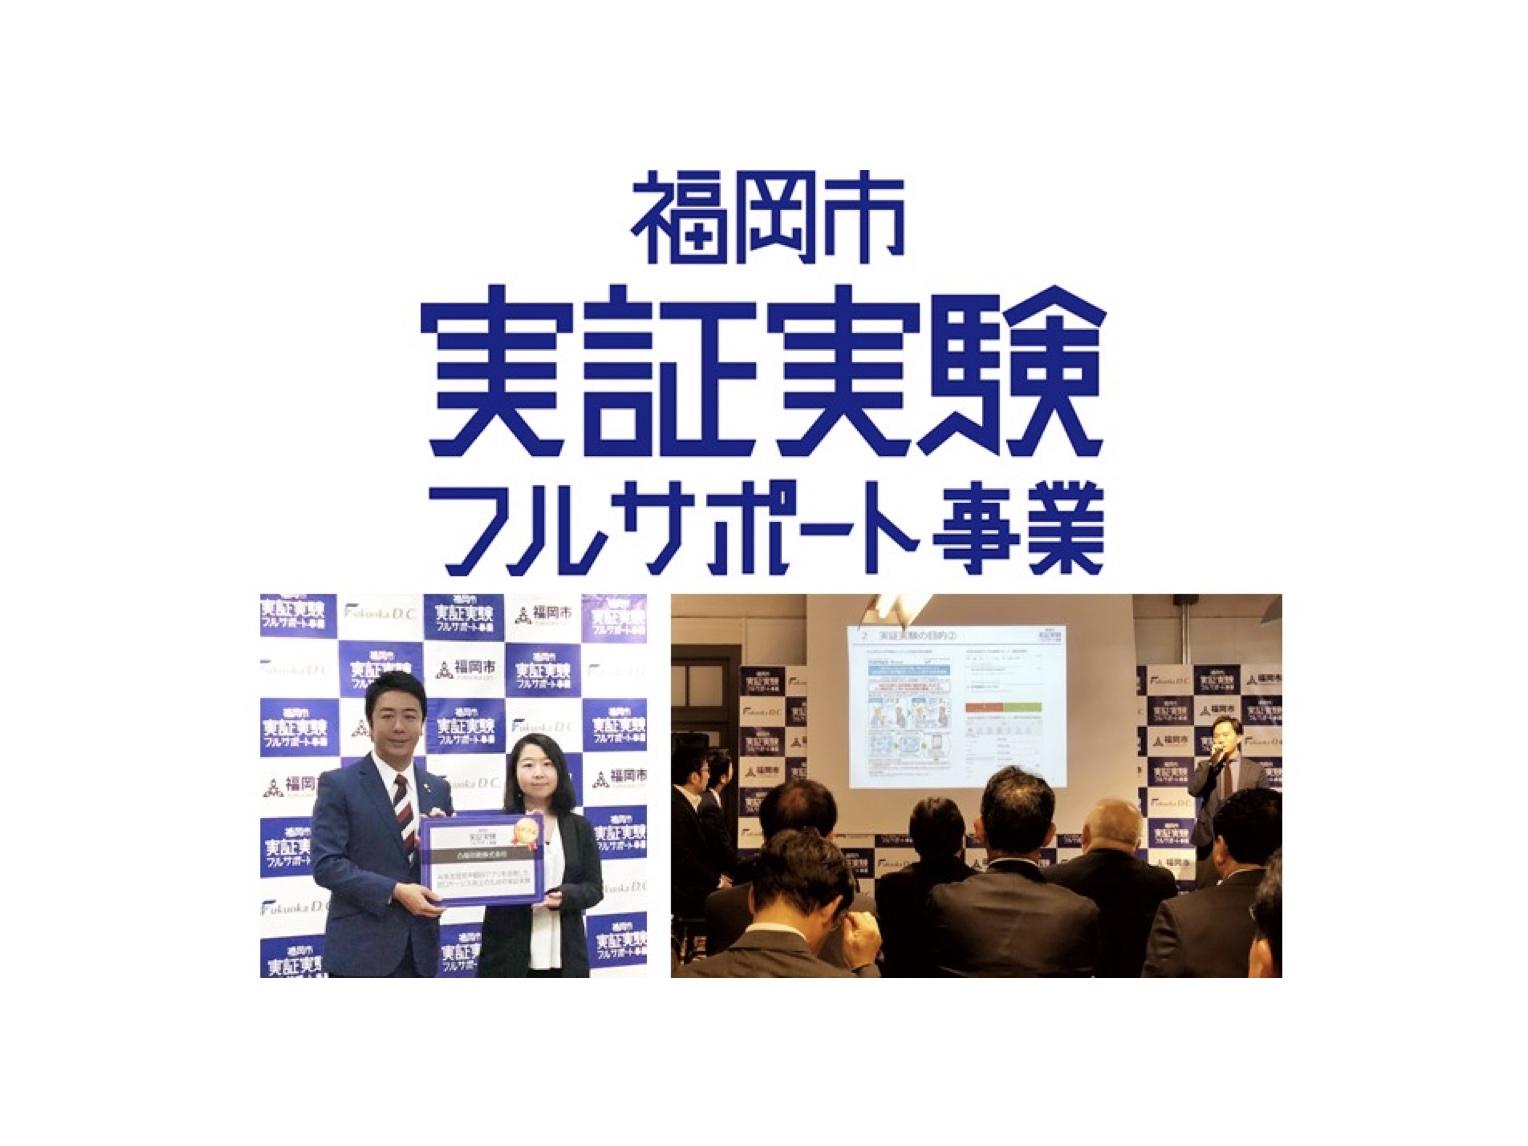 凸版印刷×フィート | 福岡市で音声翻訳アプリの実証実験を開始